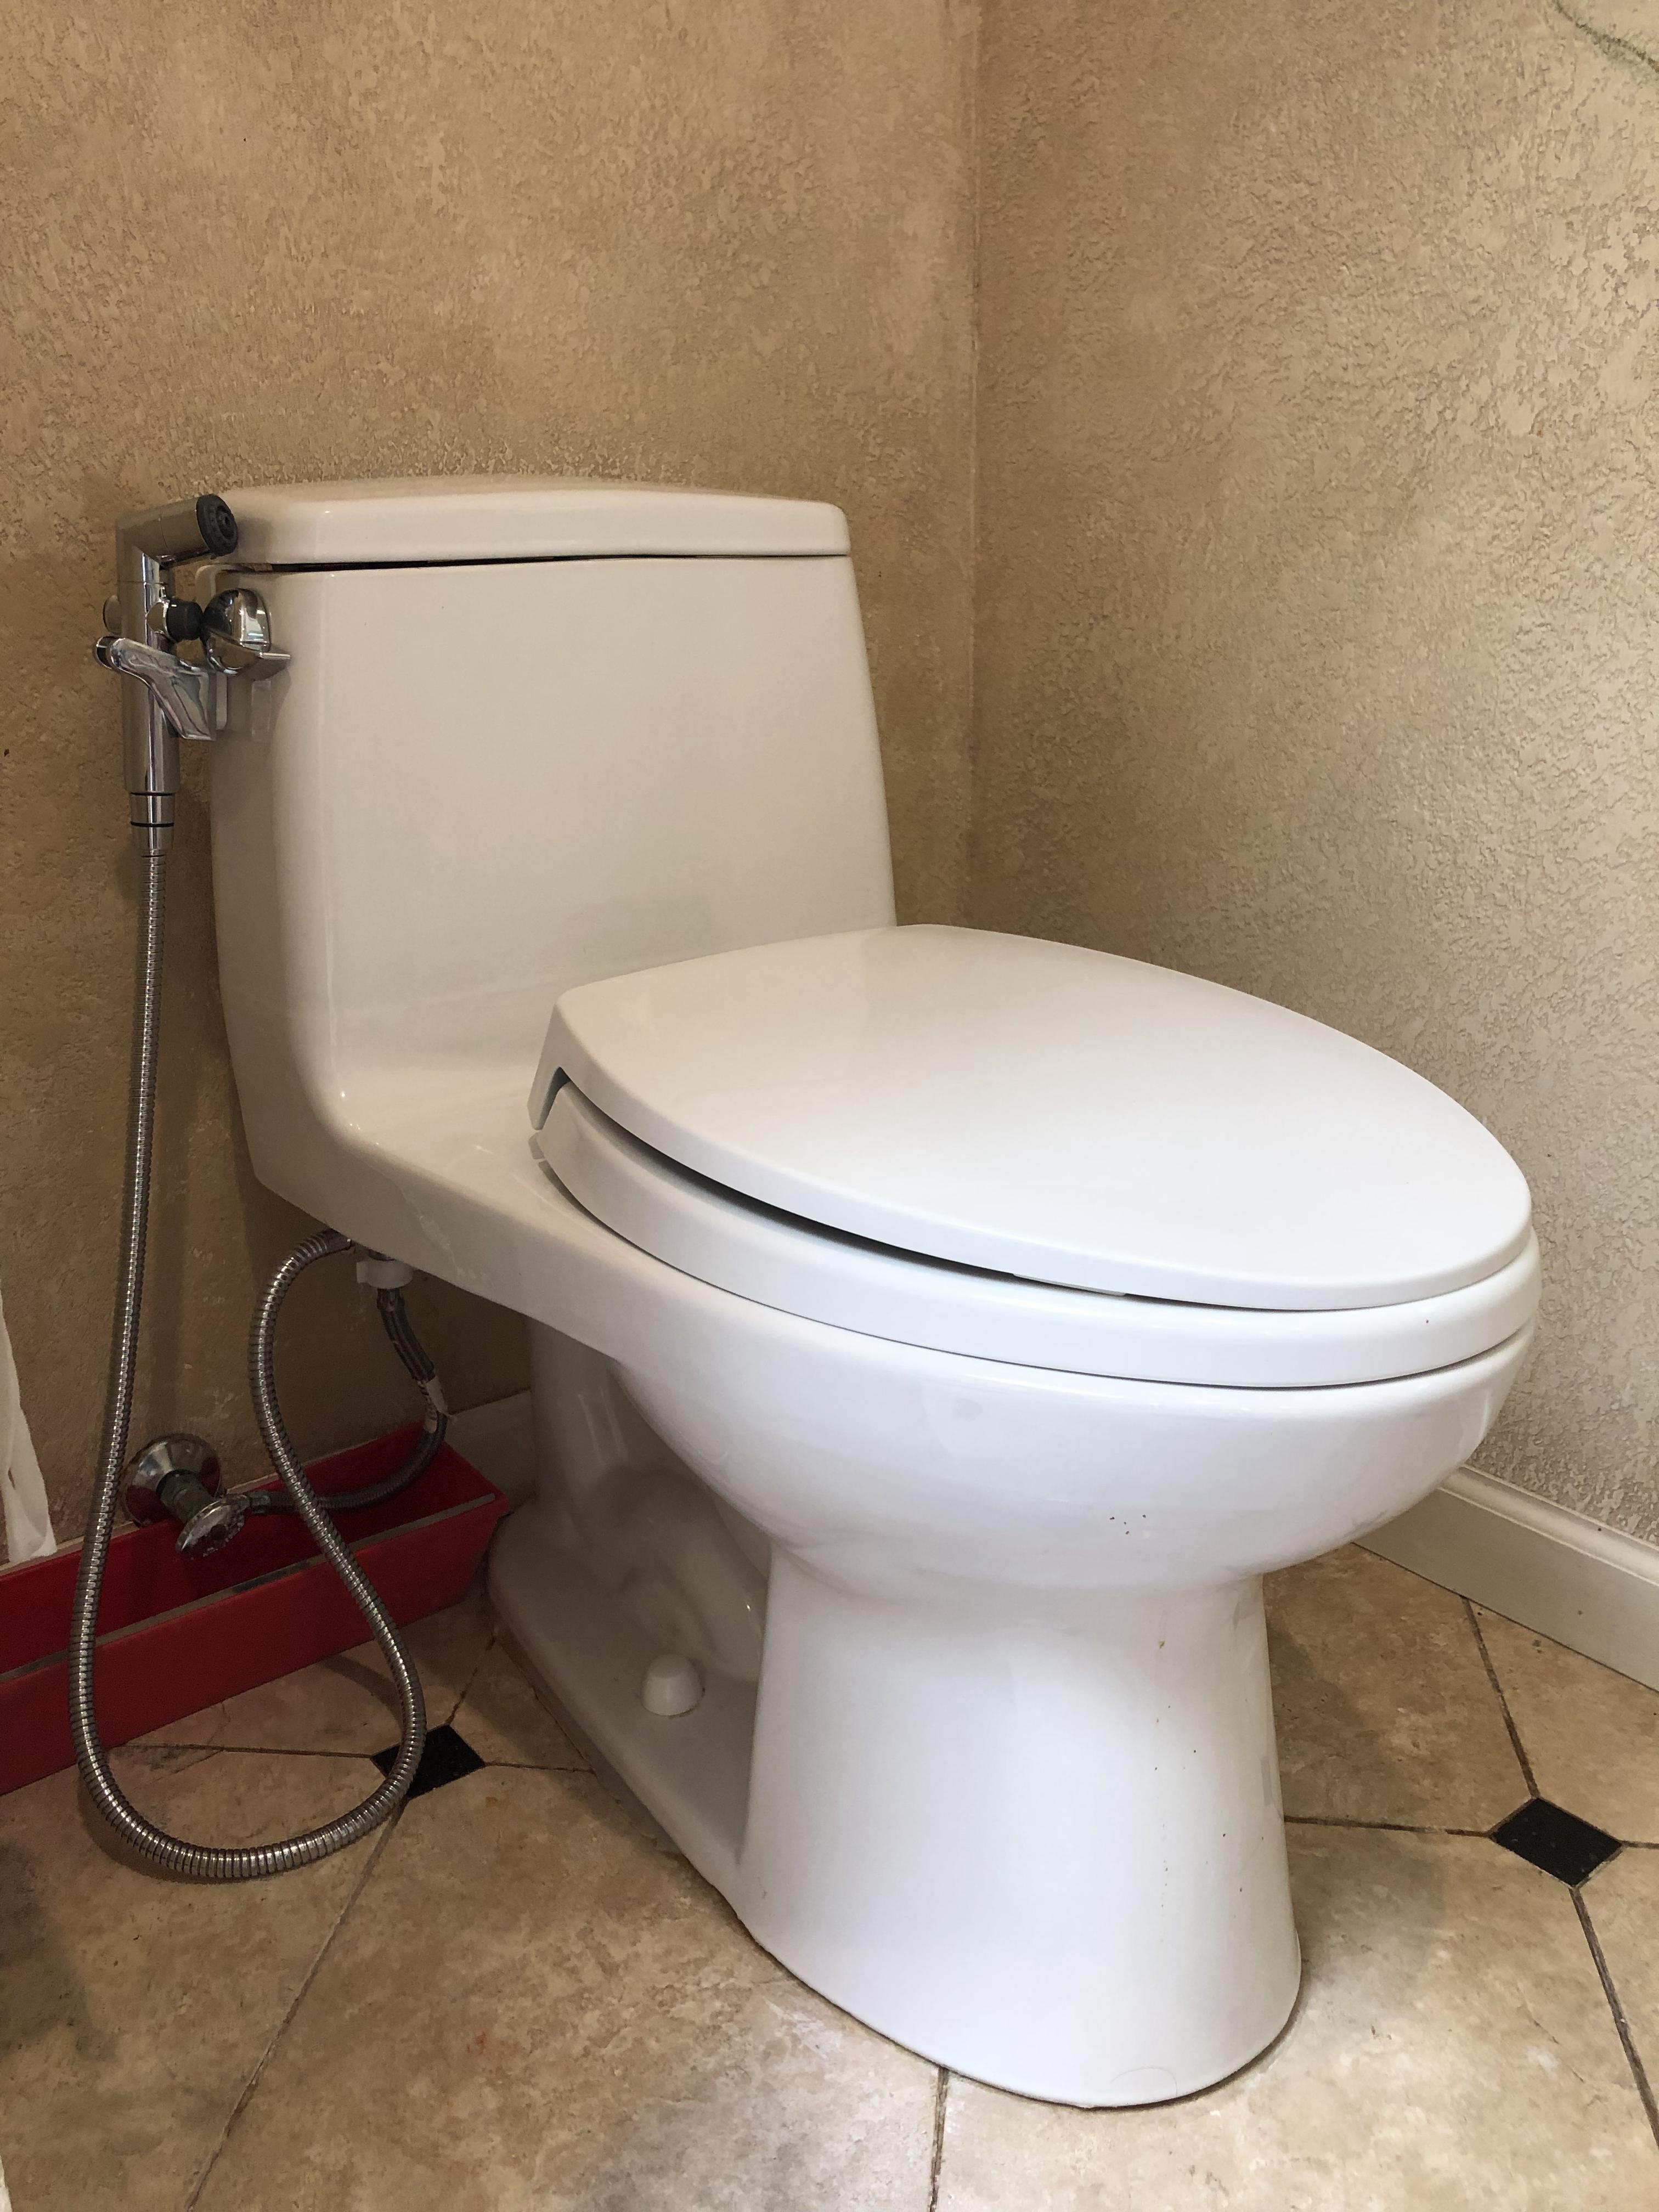 Toto toilet install